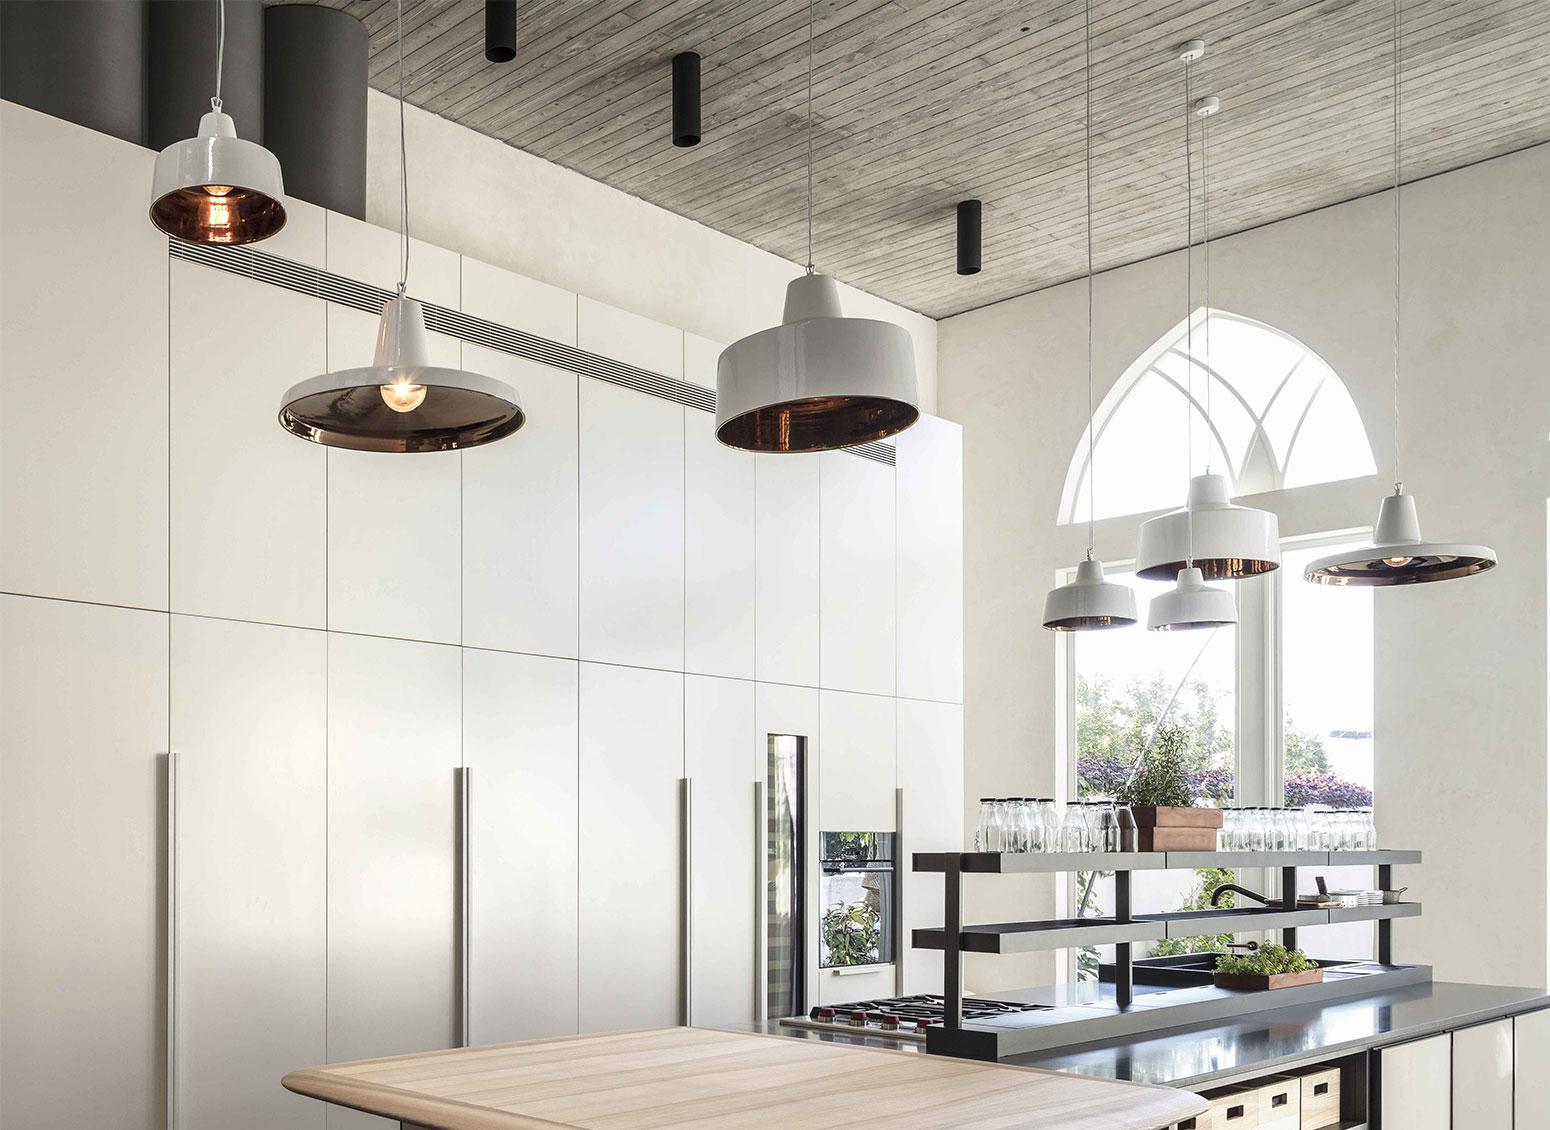 How to illuminate a kitchen hob: Karman's advice